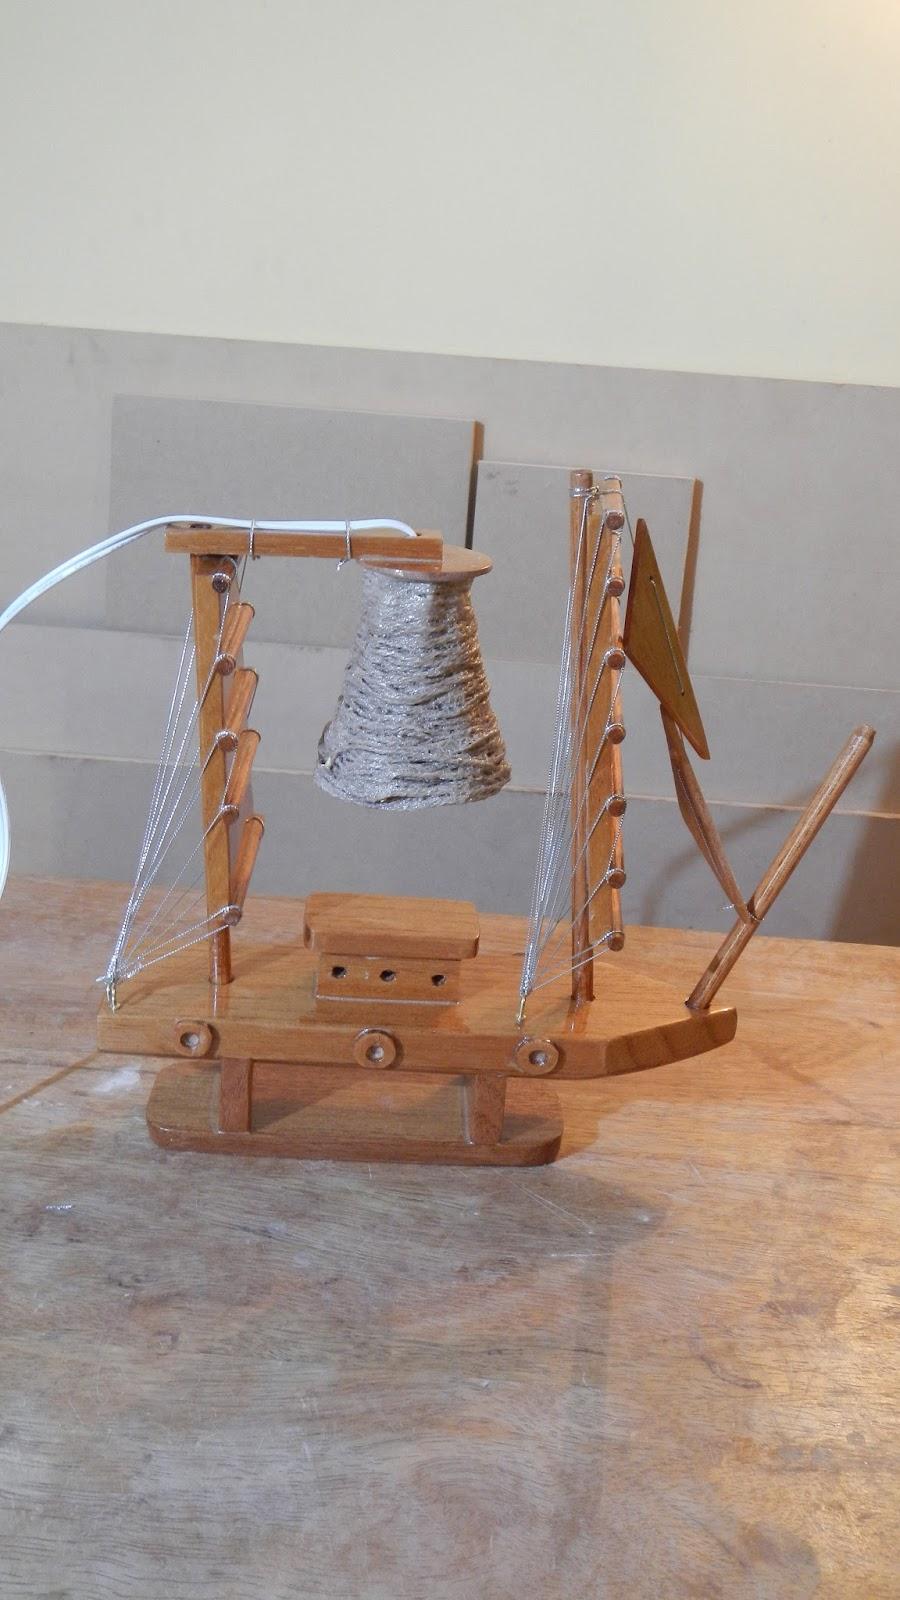 Decoraciones manualidades en madera como hacer lamparita - Hacer manualidades con madera ...